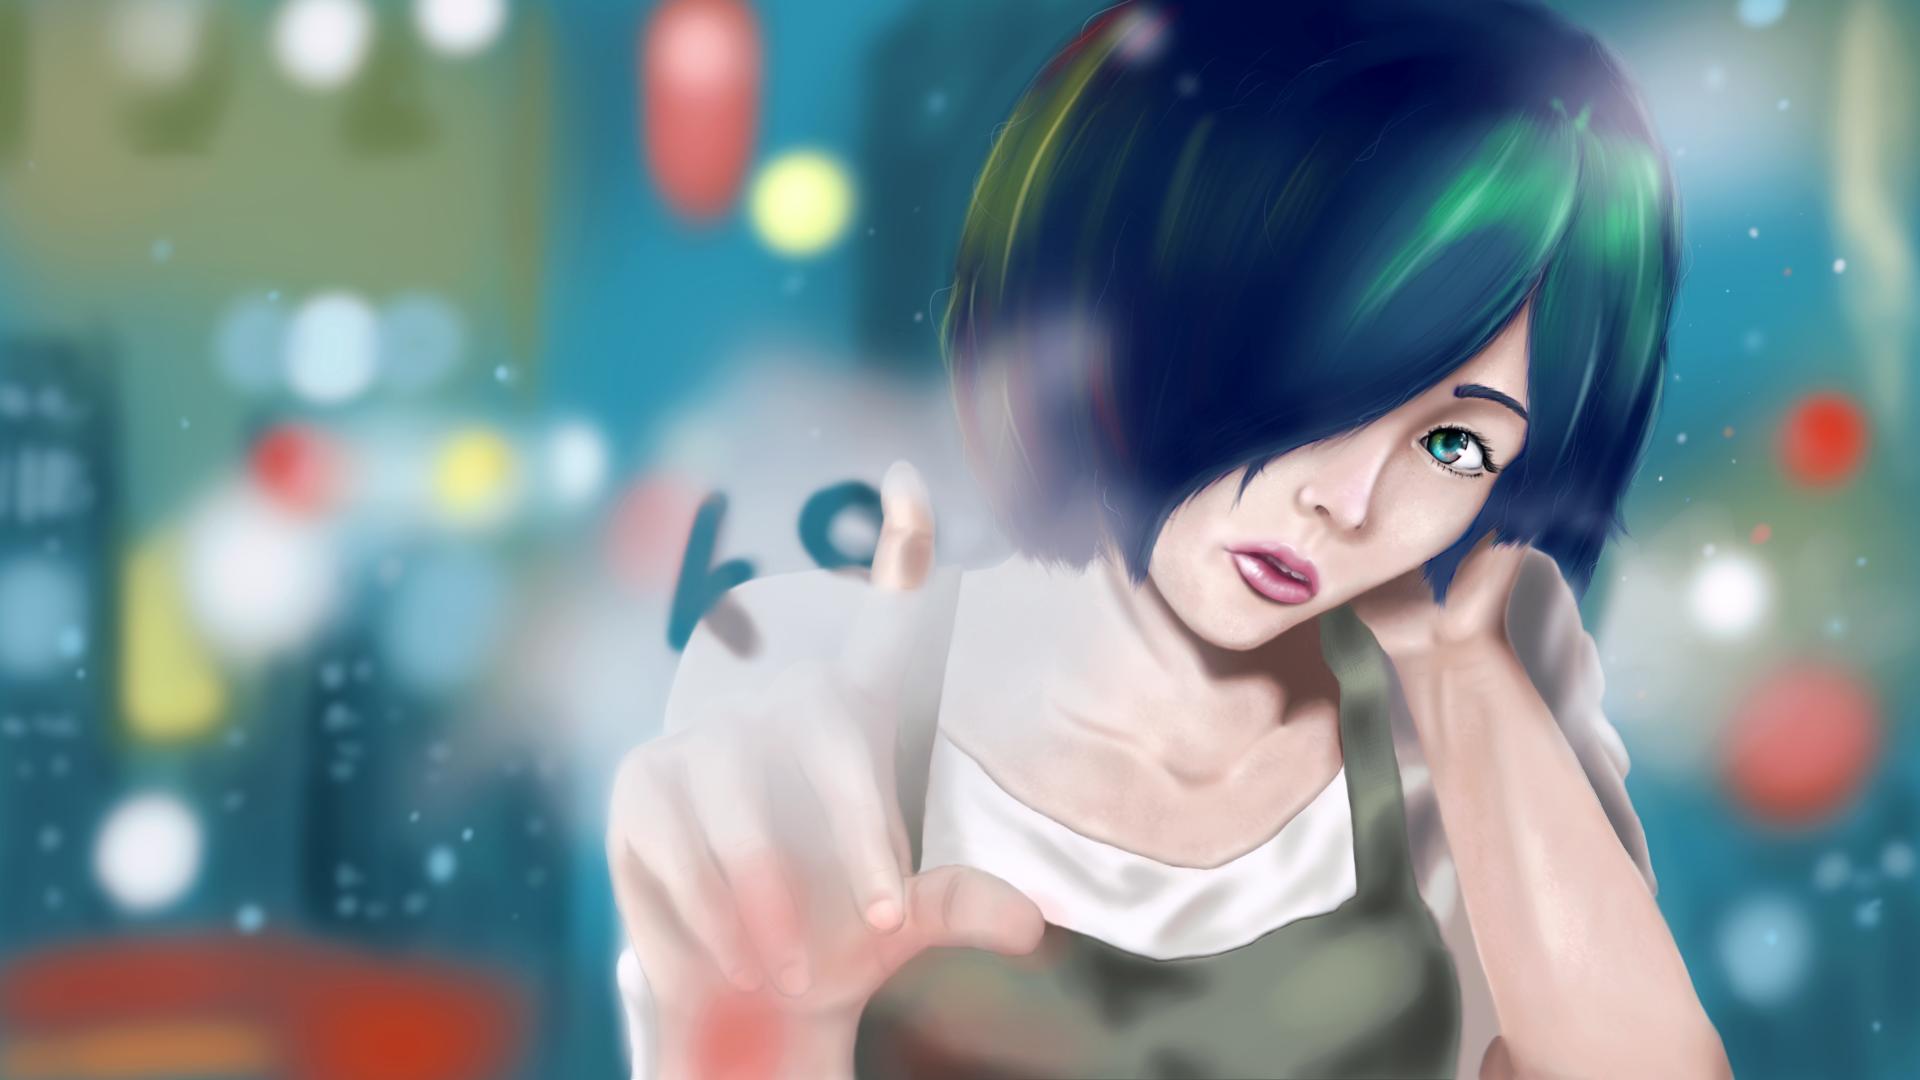 Touka Kirishima By W0lfix On DeviantArt